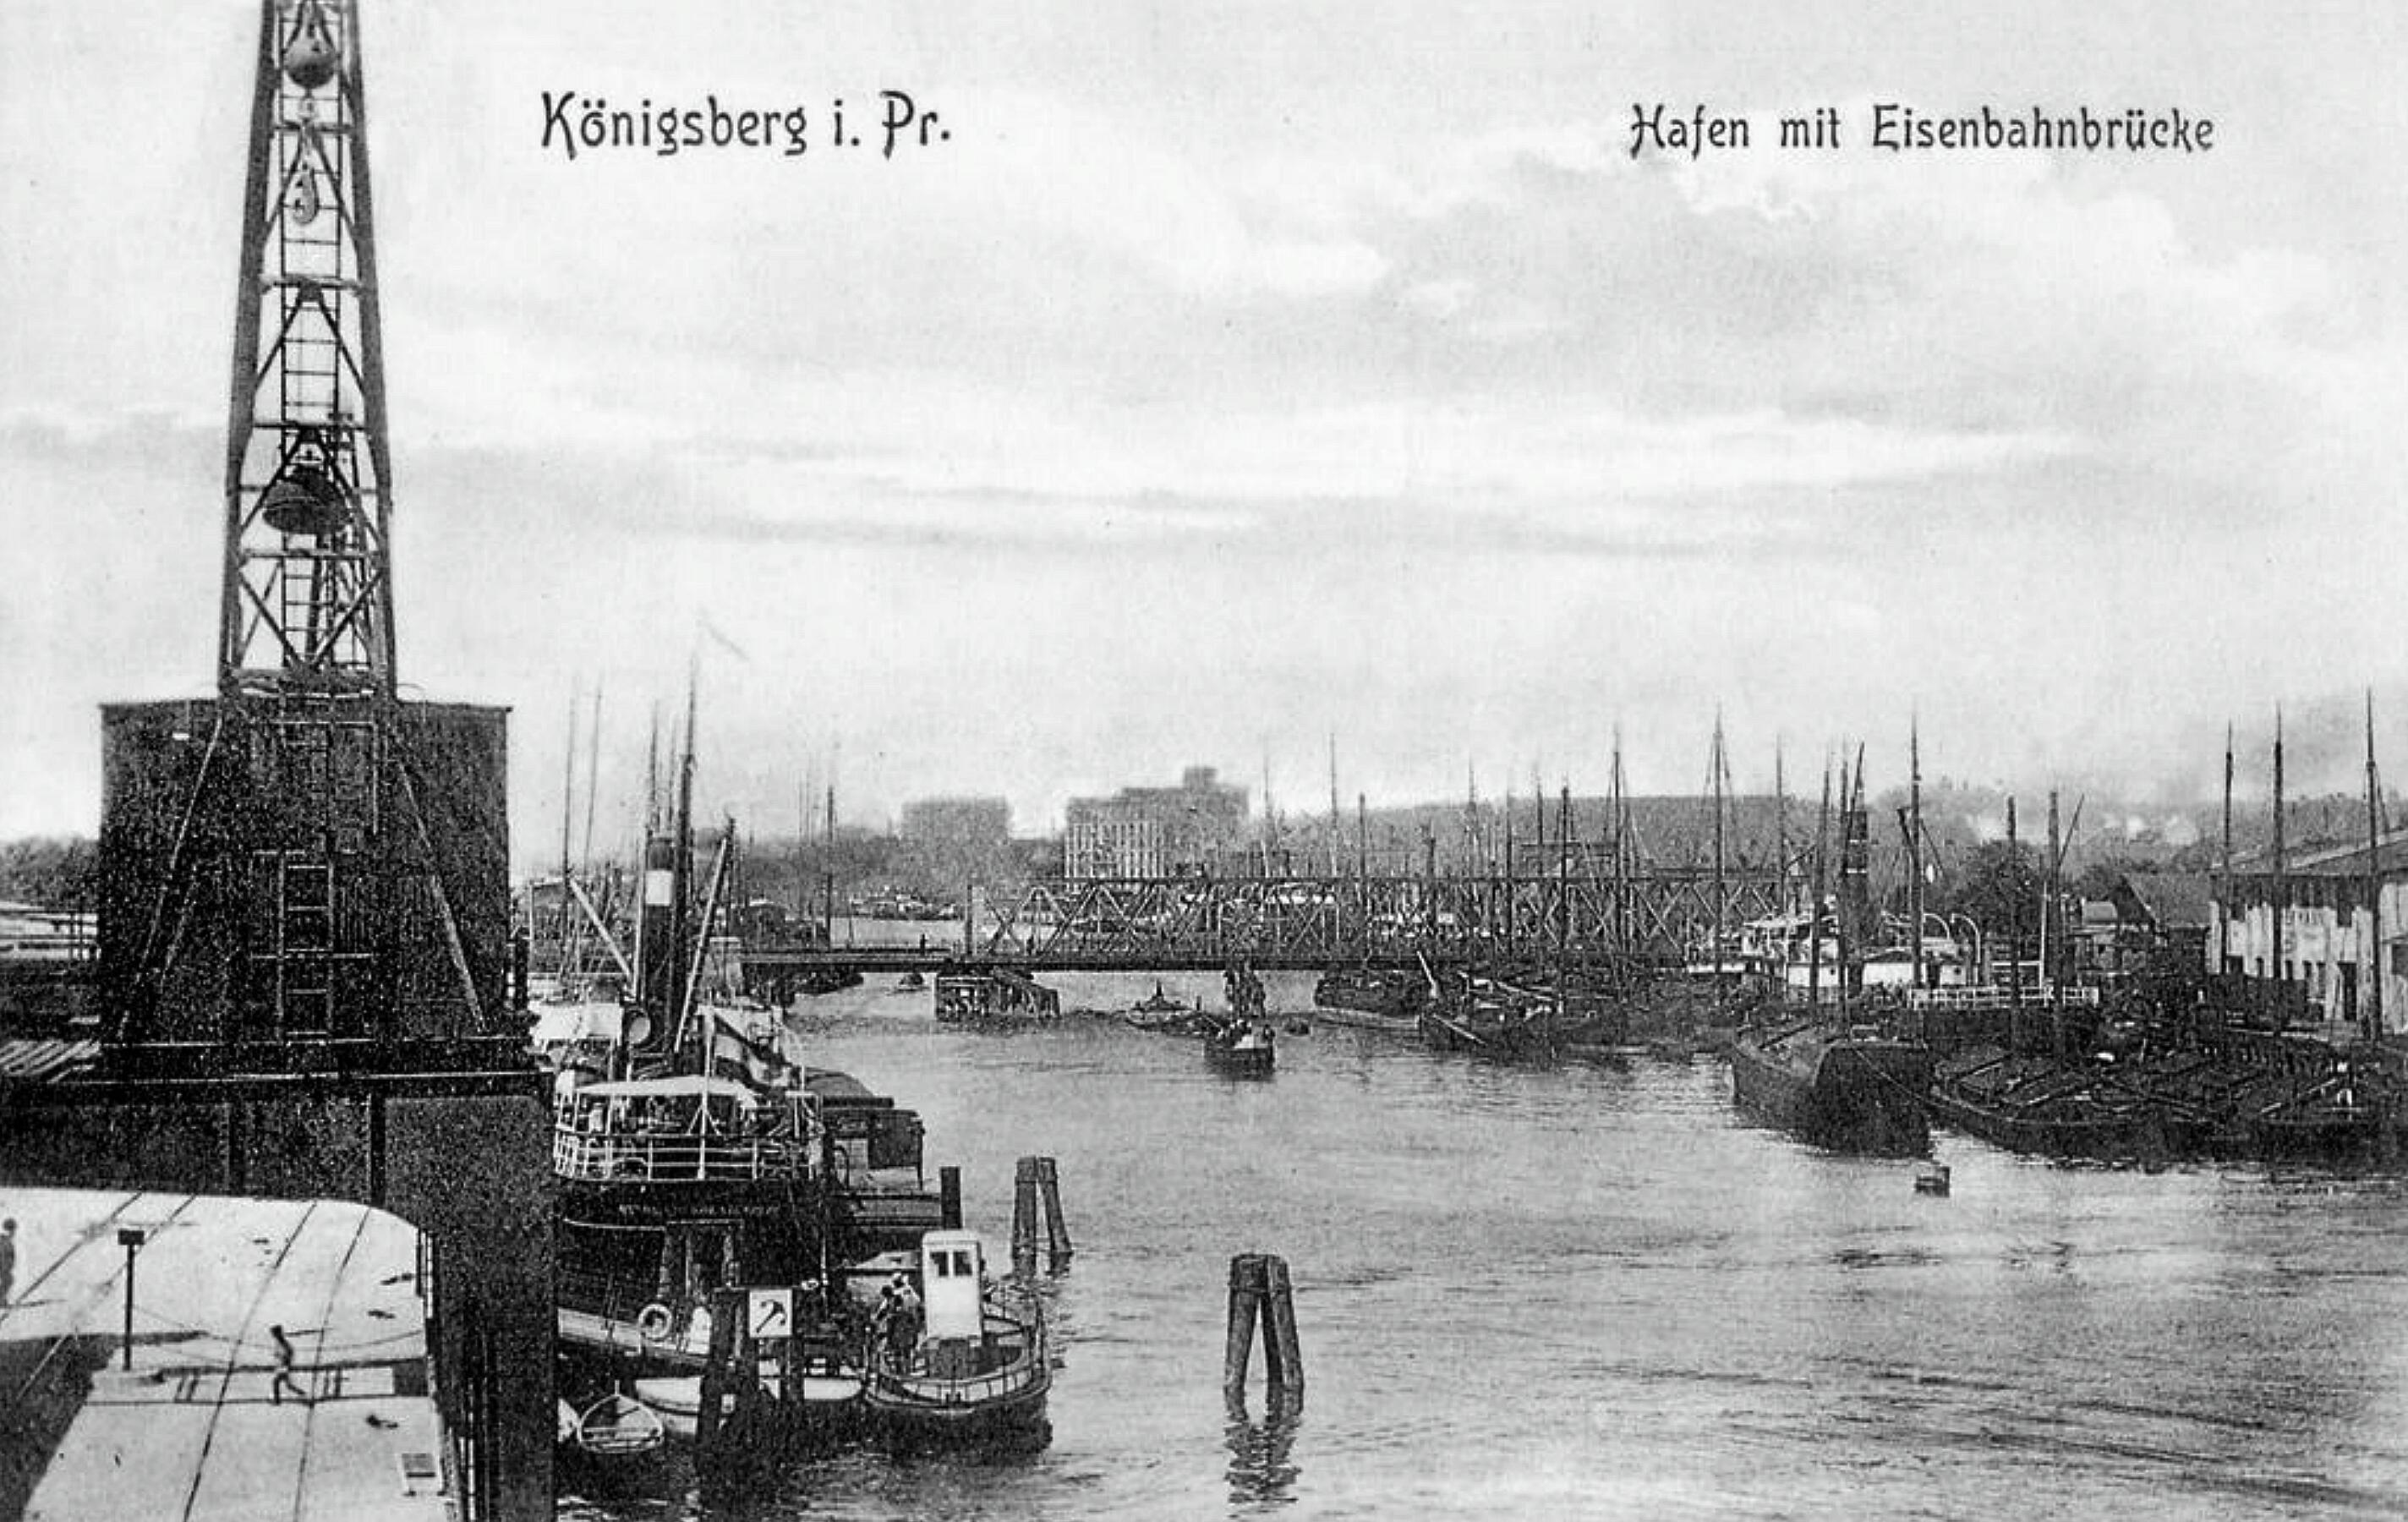 Als wesentliche Neuerung besass die Eisenbahnbrücke am Holländerbaum einen Kniehebelmechanismus statt des üblichen Schraubenhubwerkes. Die Brücke wurde 1929 mit der Errichtung der neuen Reichsbahnbrücke (weiter westlich) ausser Betrieb gesetzt, blieb aber für Katastrophenschutzmaßnahmen erhalten. Ansichtskarte 1920er/30er Jahre.